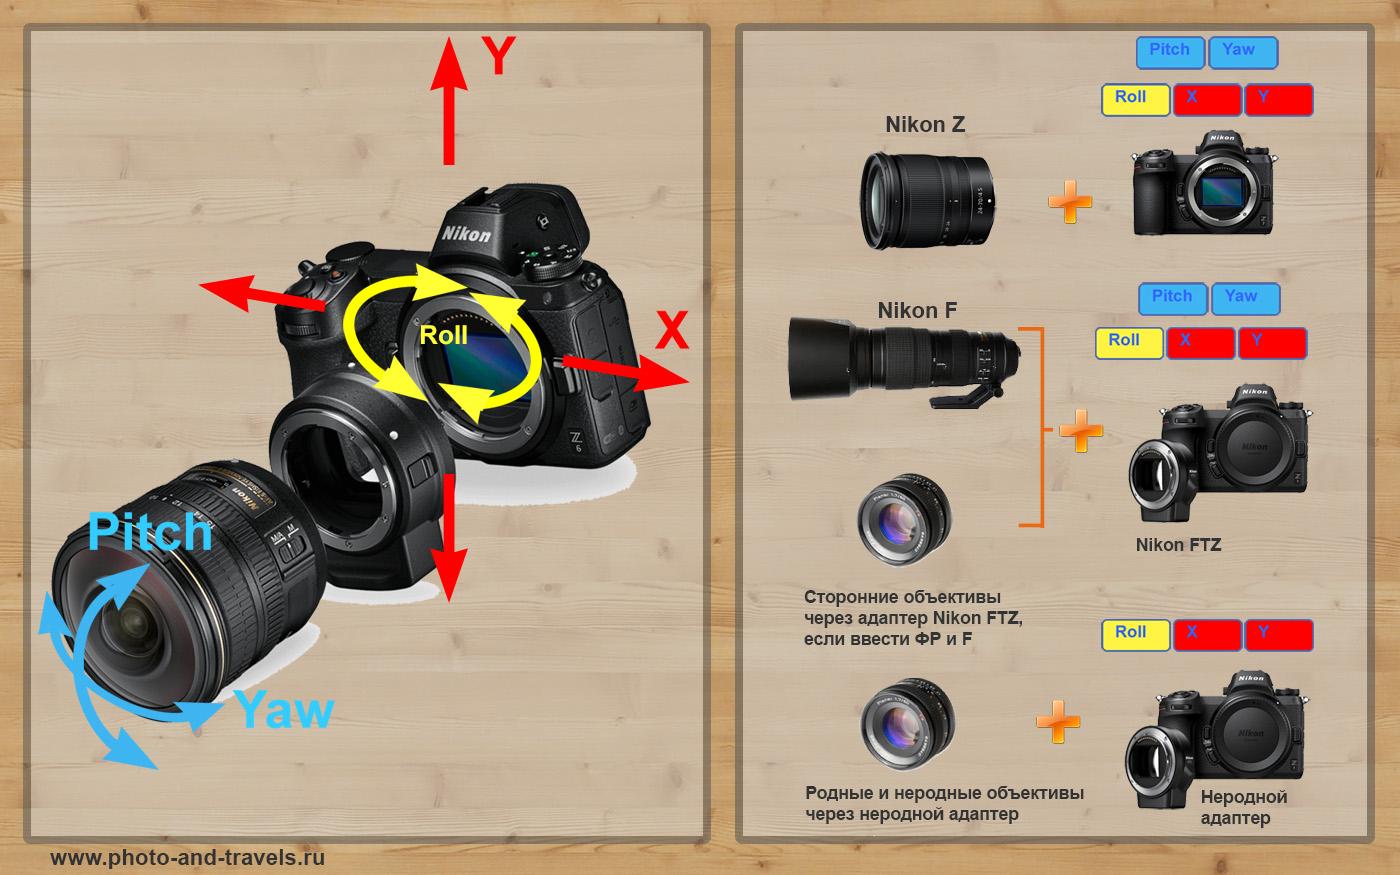 Рисунок 15. Схема работы 5-тиосевого стабилизатора в беззеркалках Nikon Z совместно с адаптером Nikon FTZ при использовании объективов Nikon Z, Nikon F и мануальной оптики.